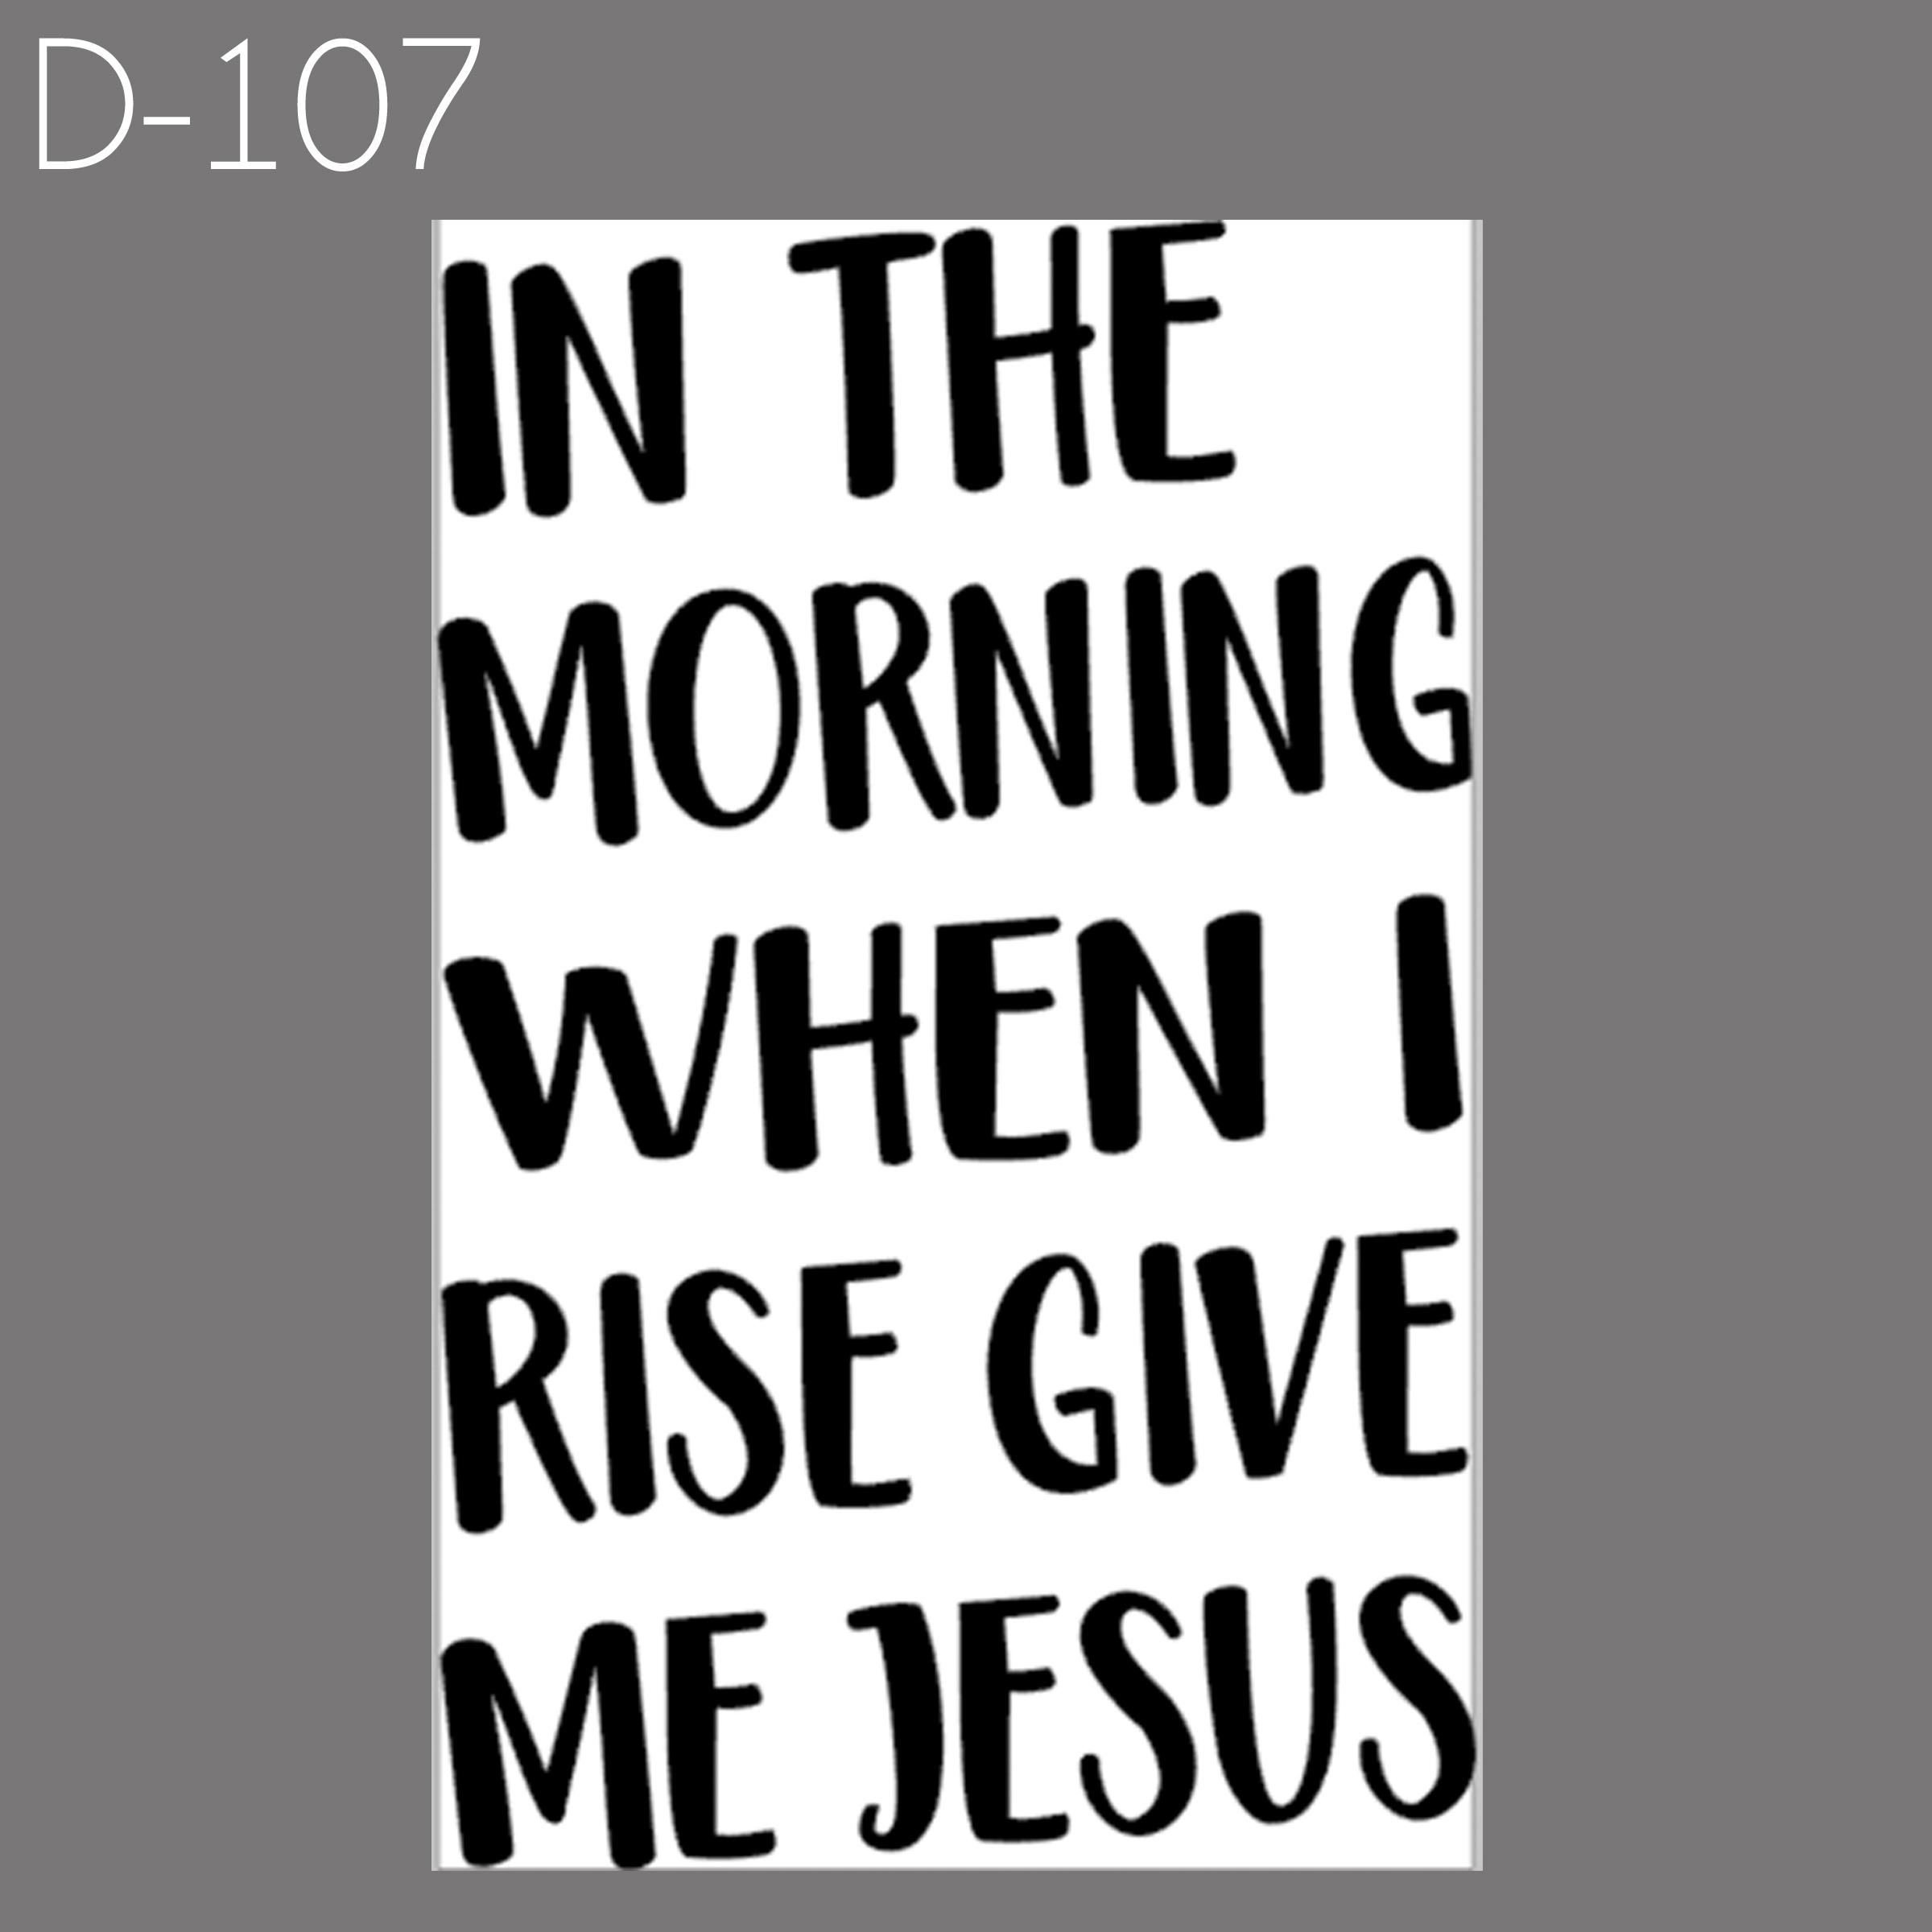 D107 - Give Me Jesus.jpg